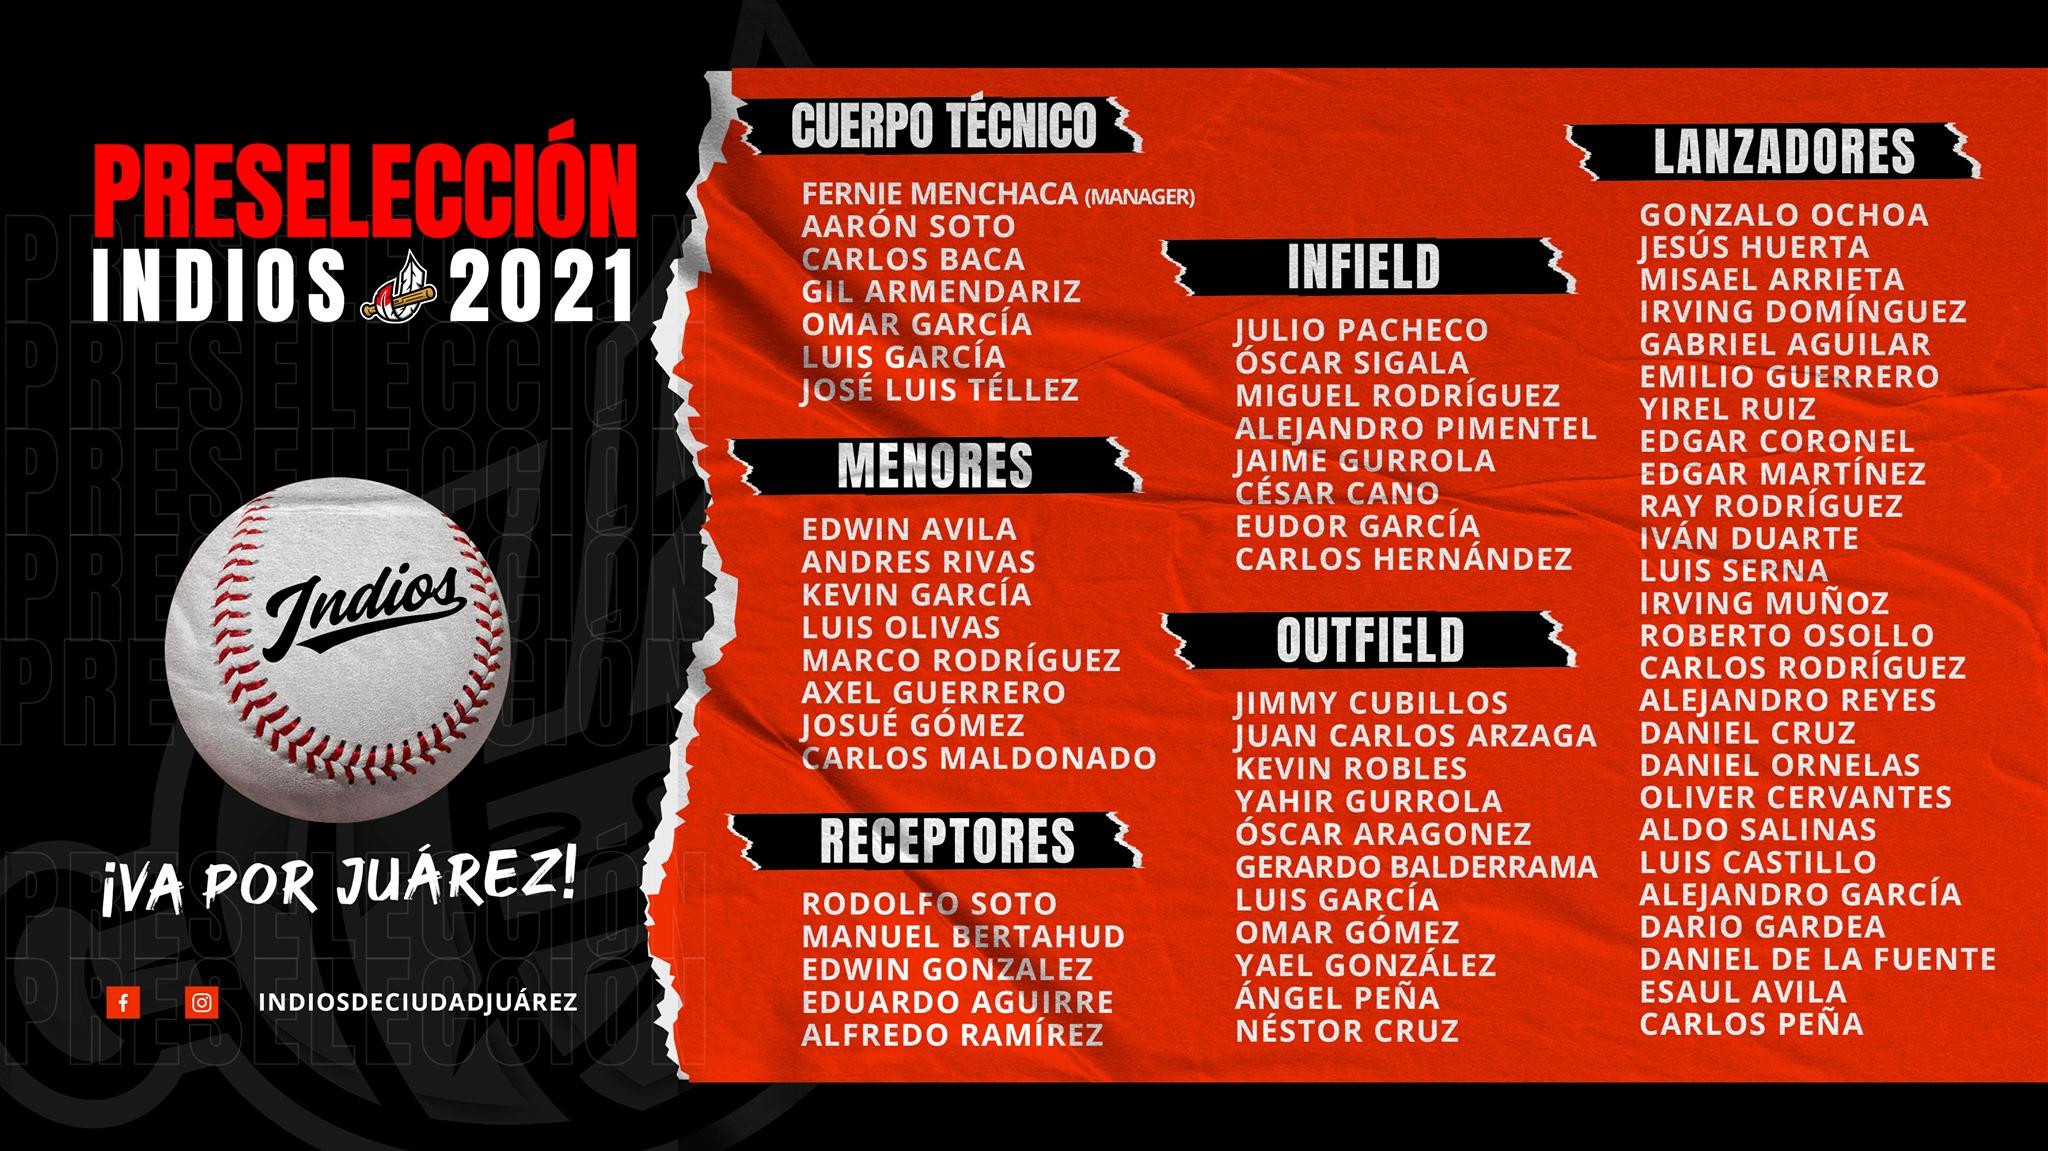 preseleccion-temporada-2021-campeonato-estatal-besibol-chihuahua-indios-juarez